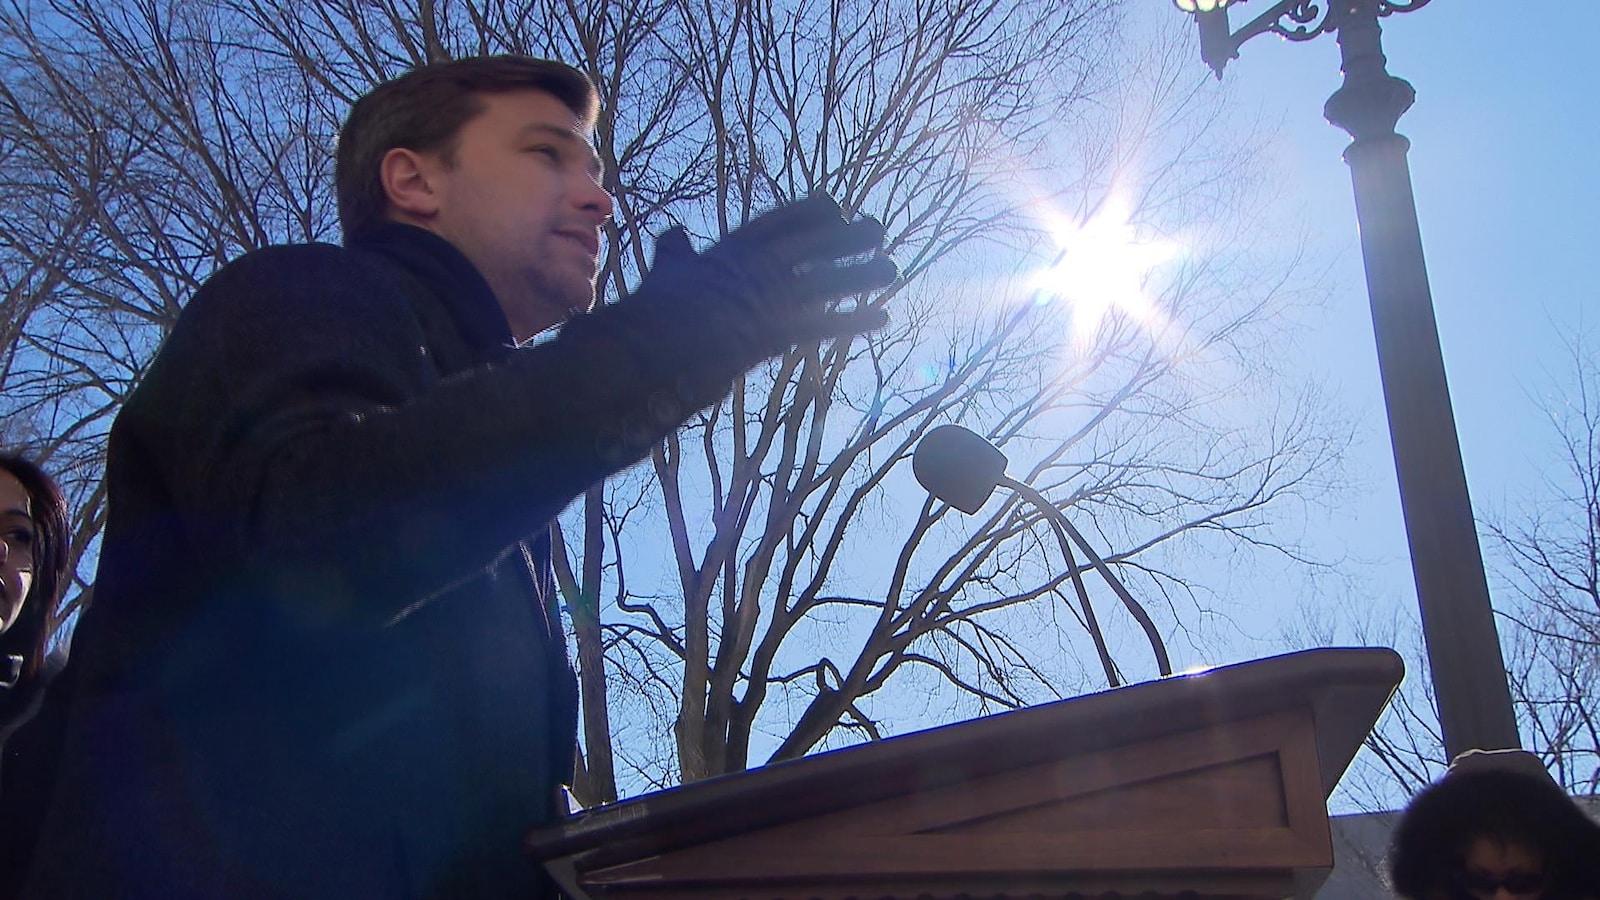 Gabriel Nadeau-Dubois parle derrière un podium placé à l'extérieur. On voit des arbres en arrière-plan.